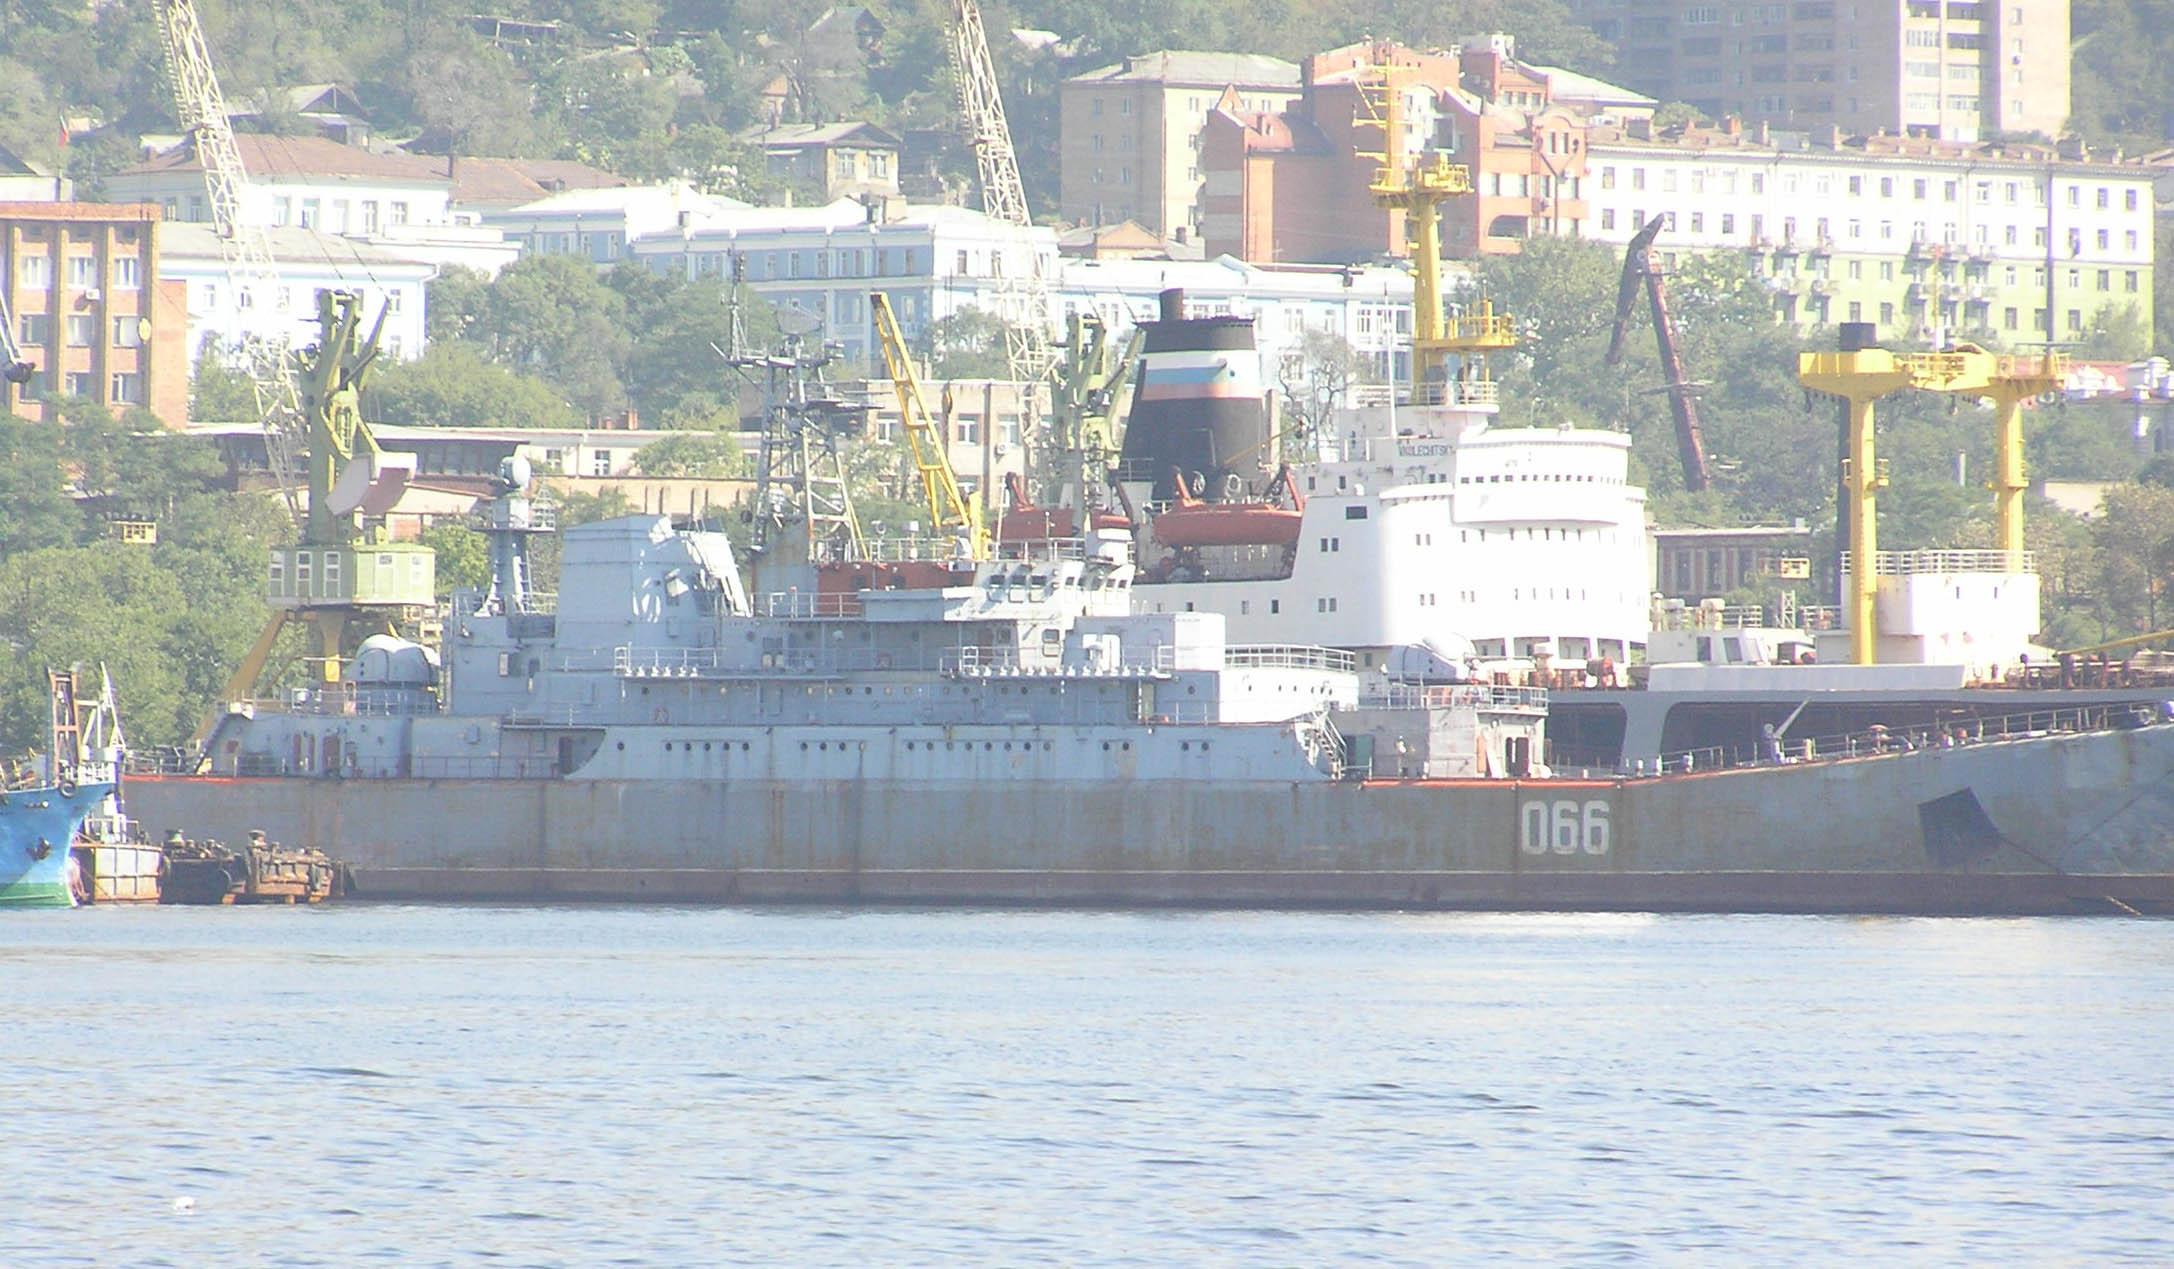 BDK-101_2005-09_05.jpg